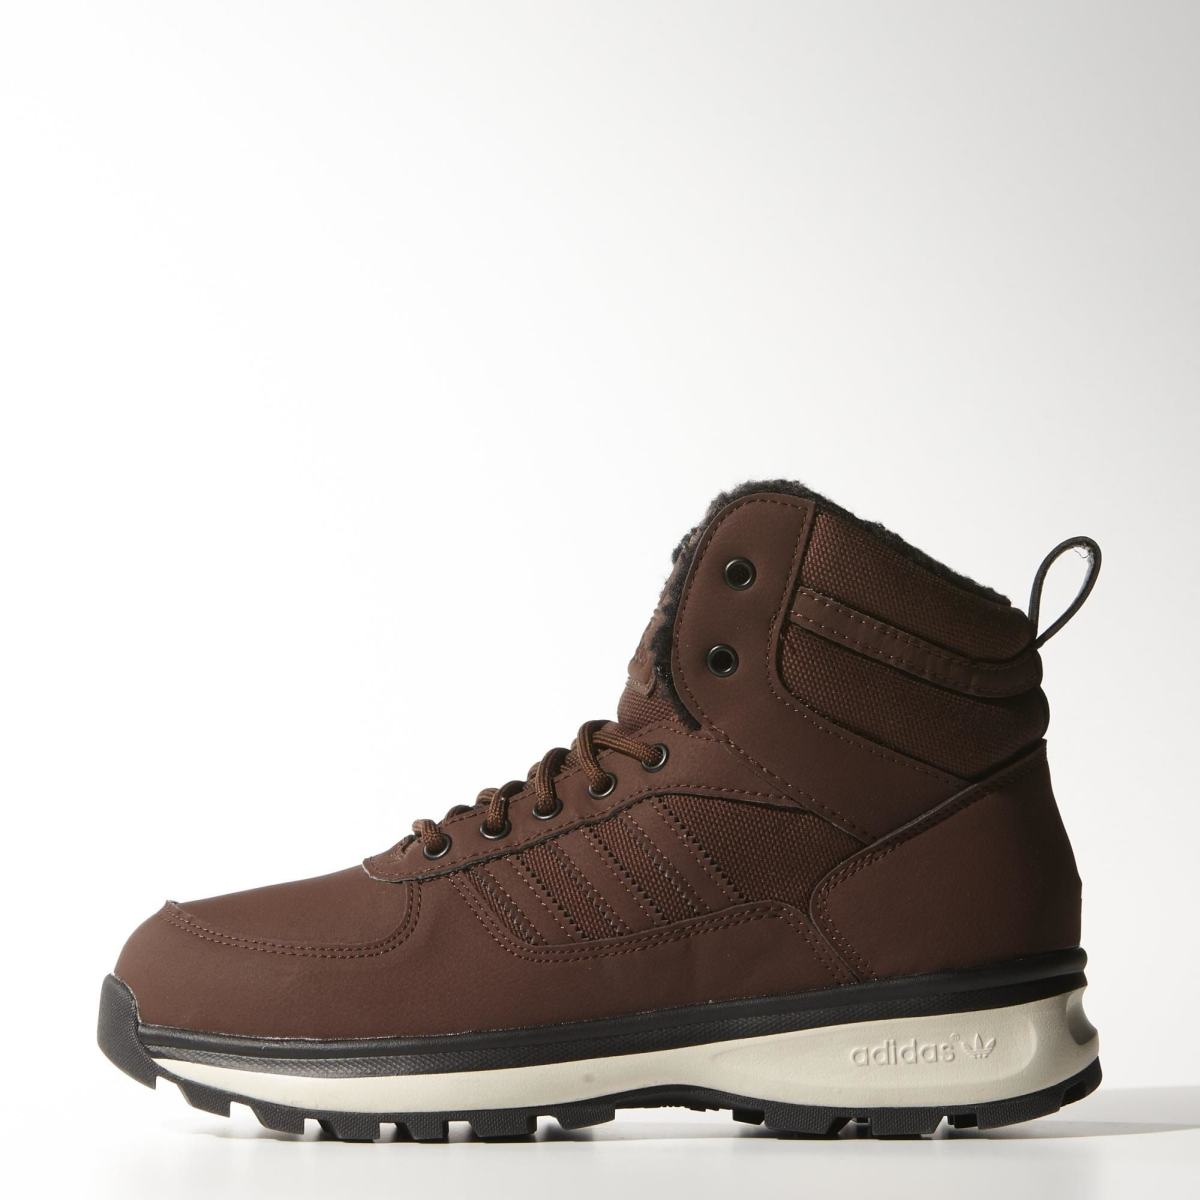 Pánske zimné topánky a tenisky Adidas 2014 2015  670571f380a